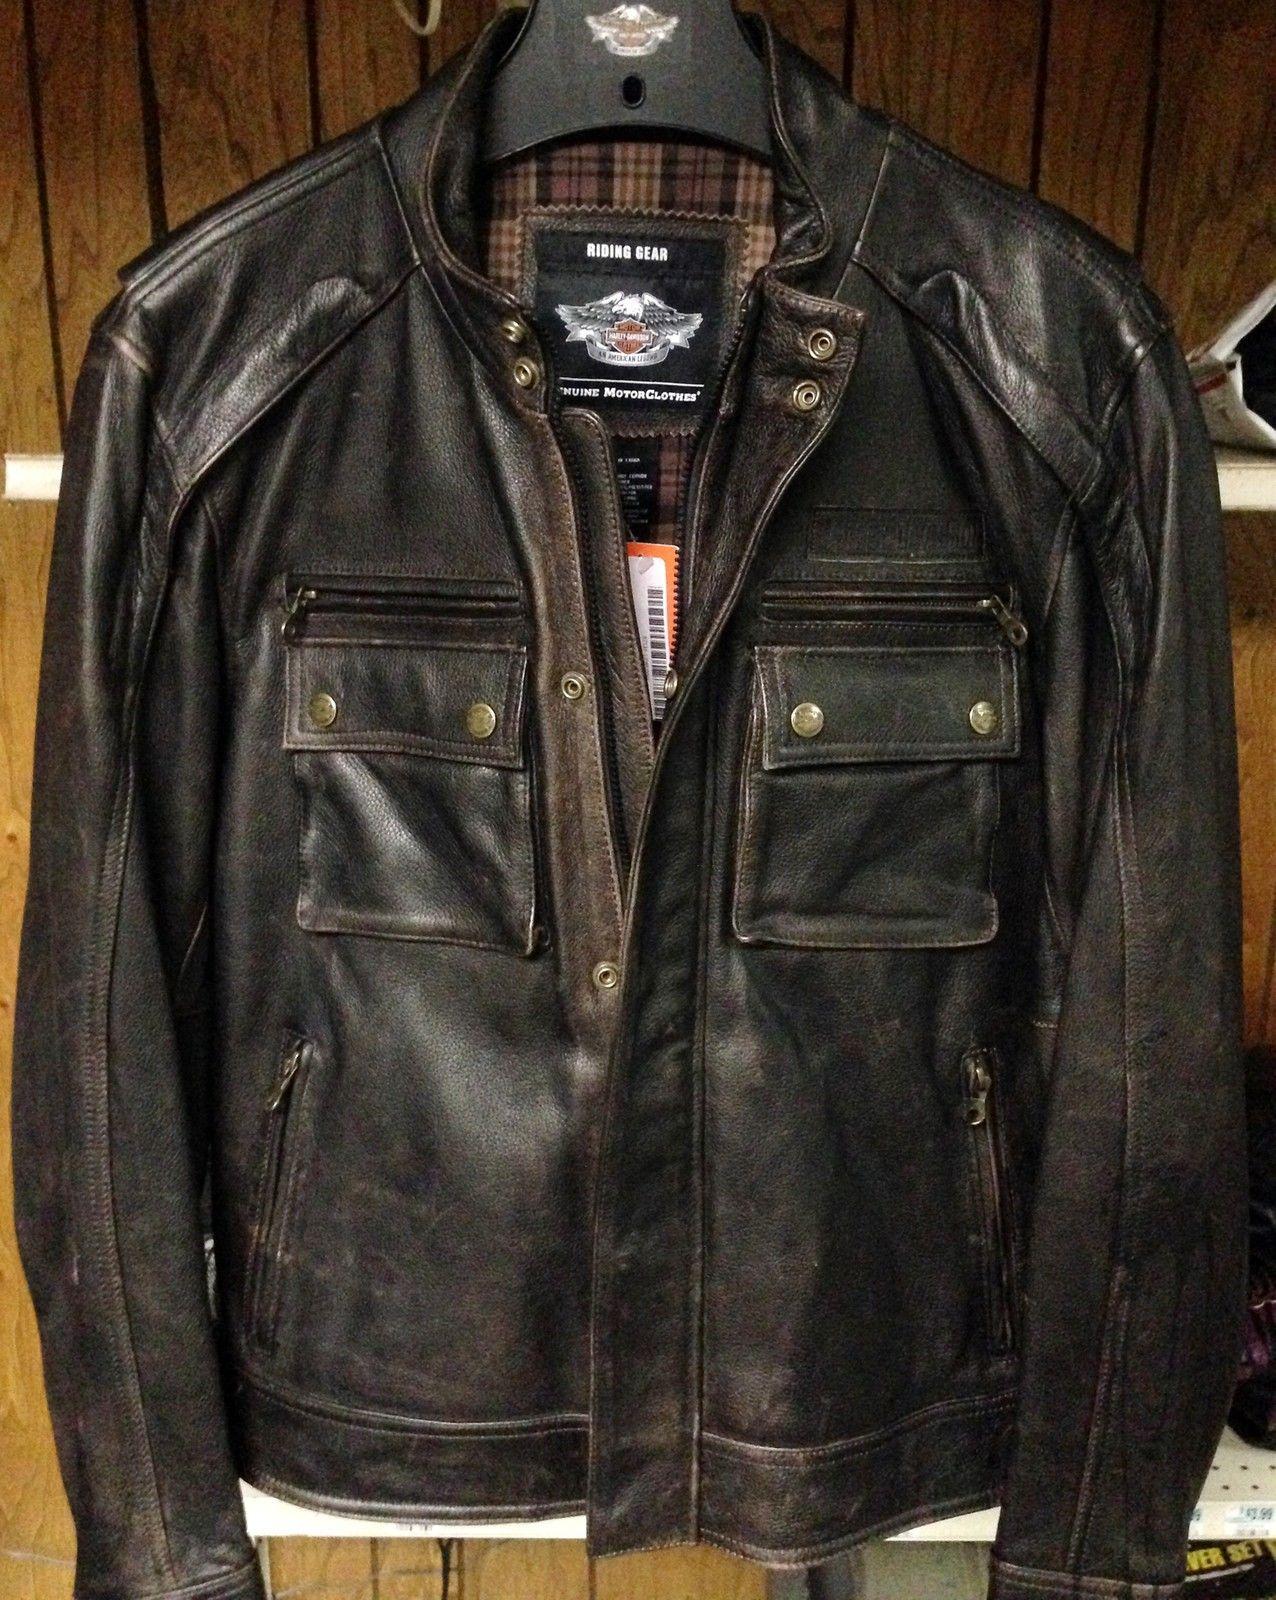 Harley Davidson Men S Alliance Dark Brown Leather Jacket 97131 13vm Xxlarge [ 1600 x 1276 Pixel ]